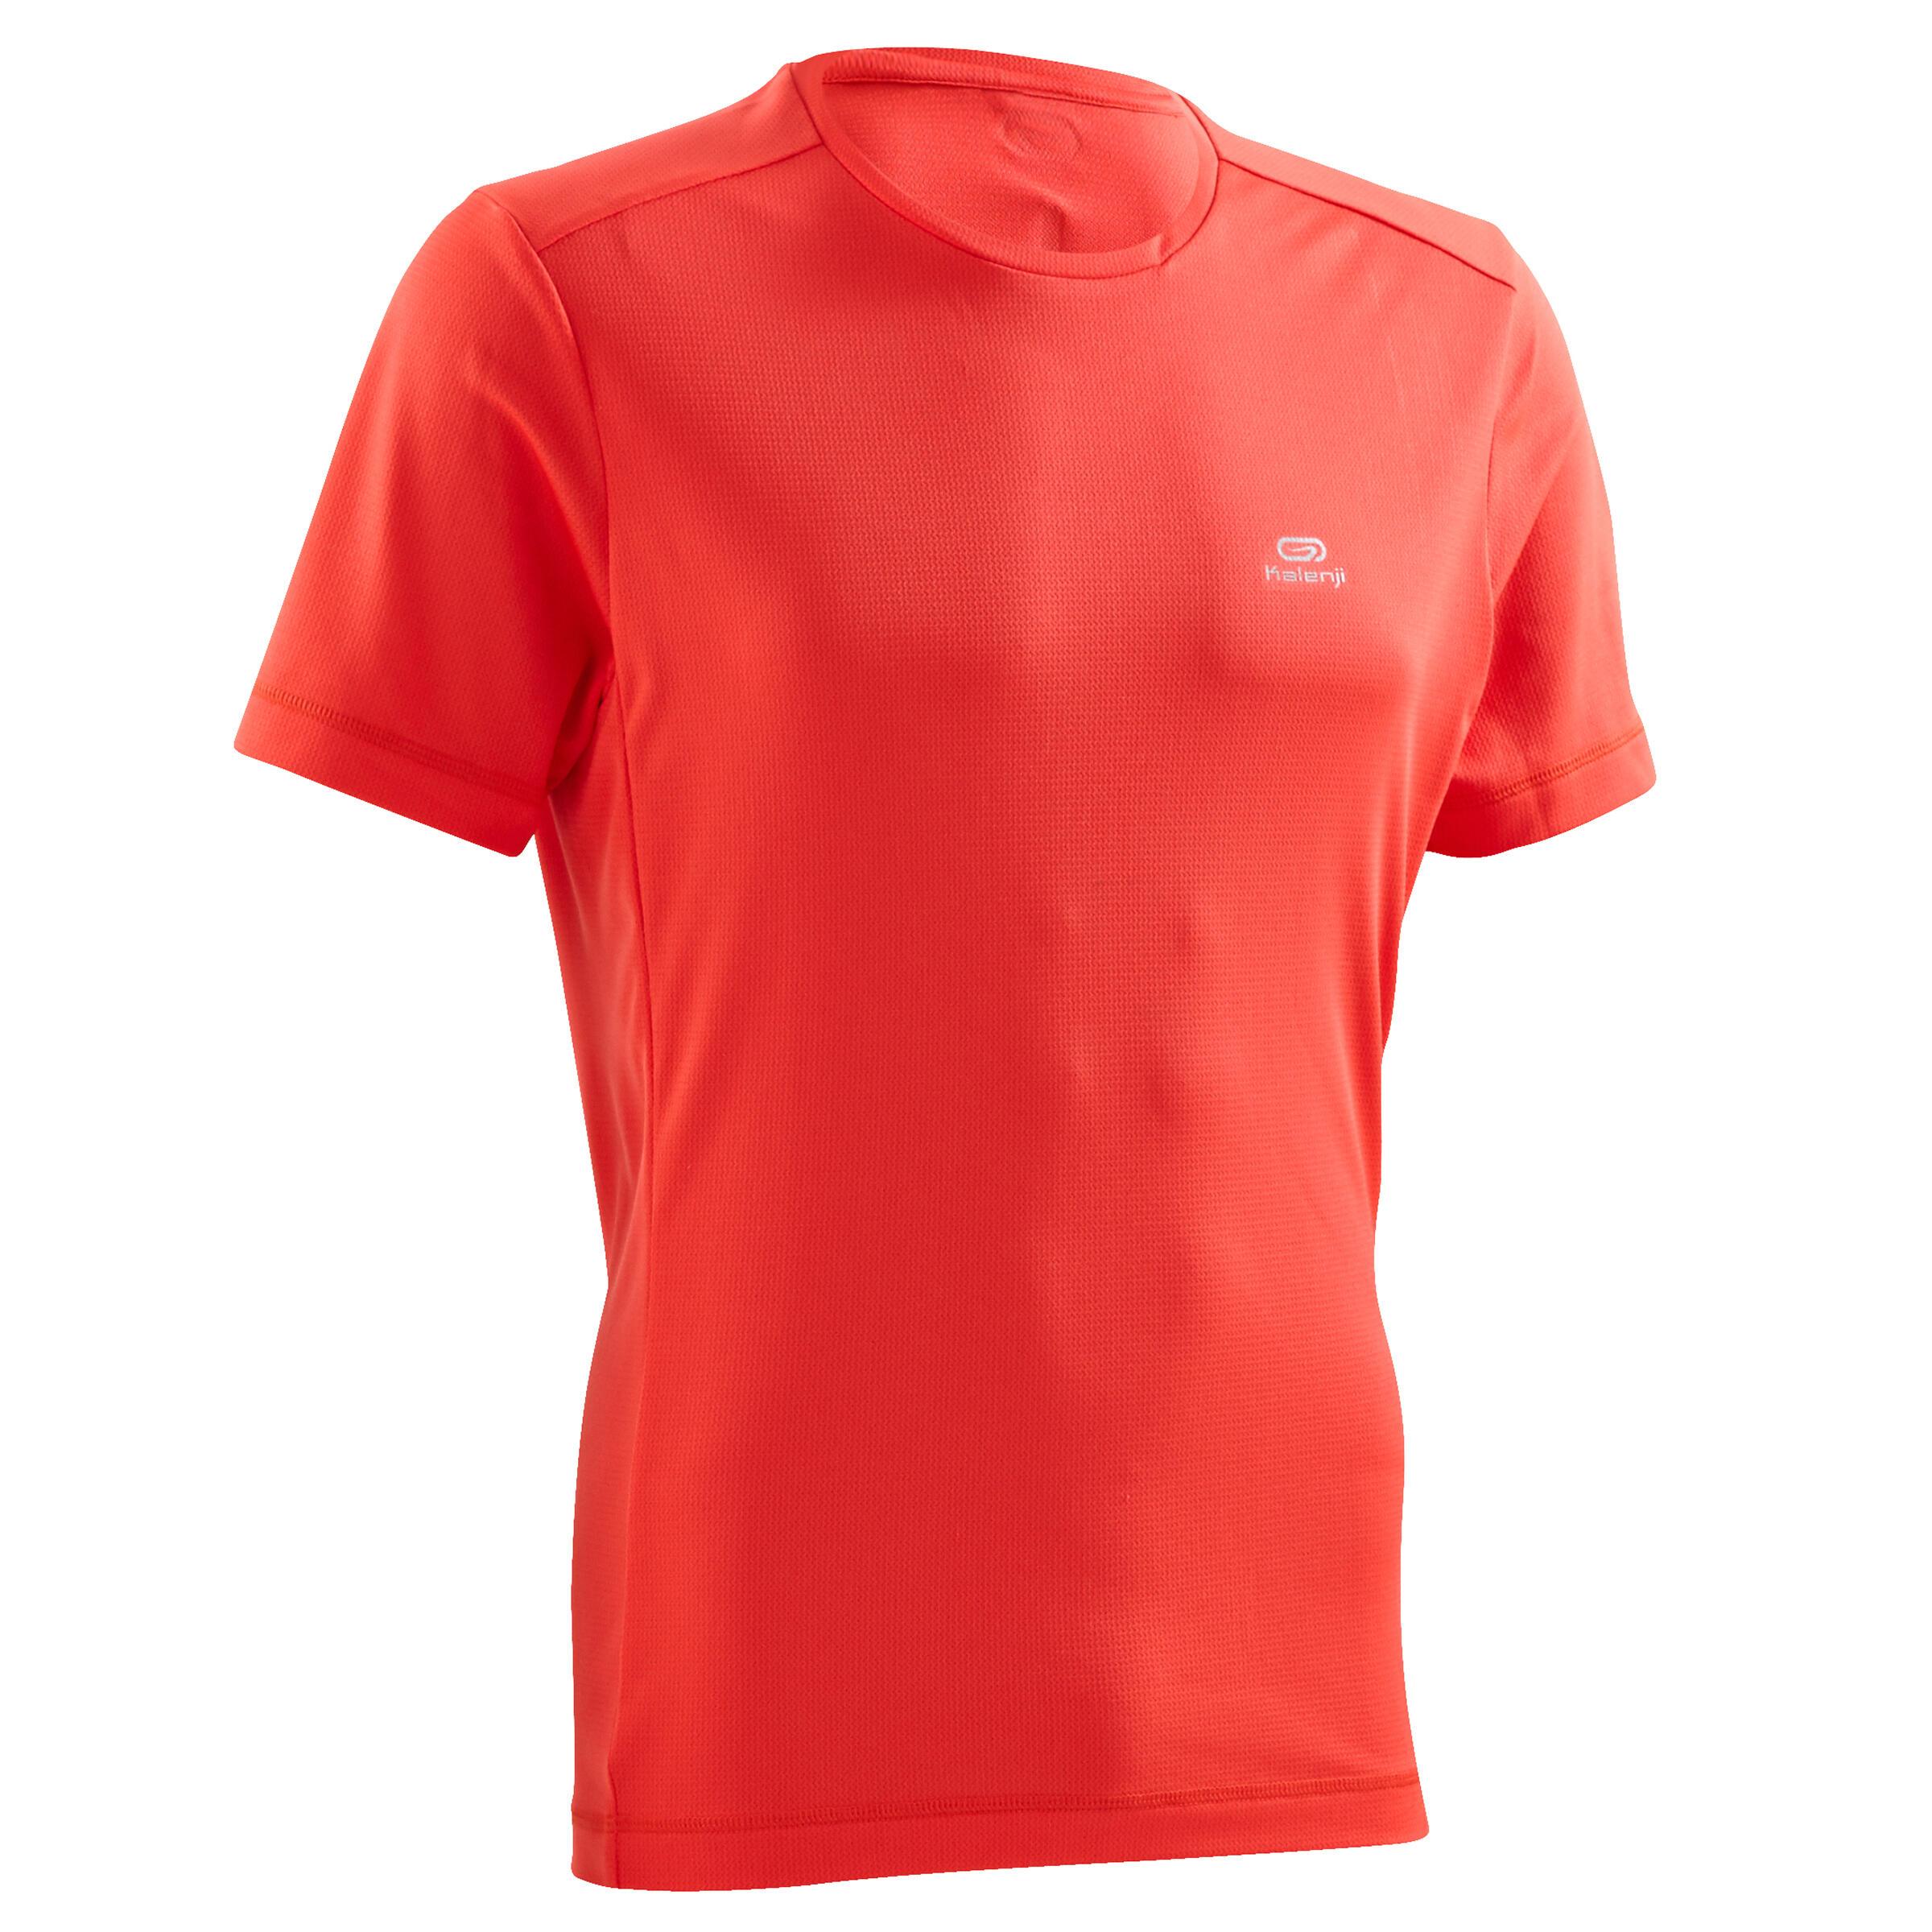 Laufshirt Run Dry Herren rot | Sportbekleidung > Sportshirts > Laufshirts | Rot | Kalenji